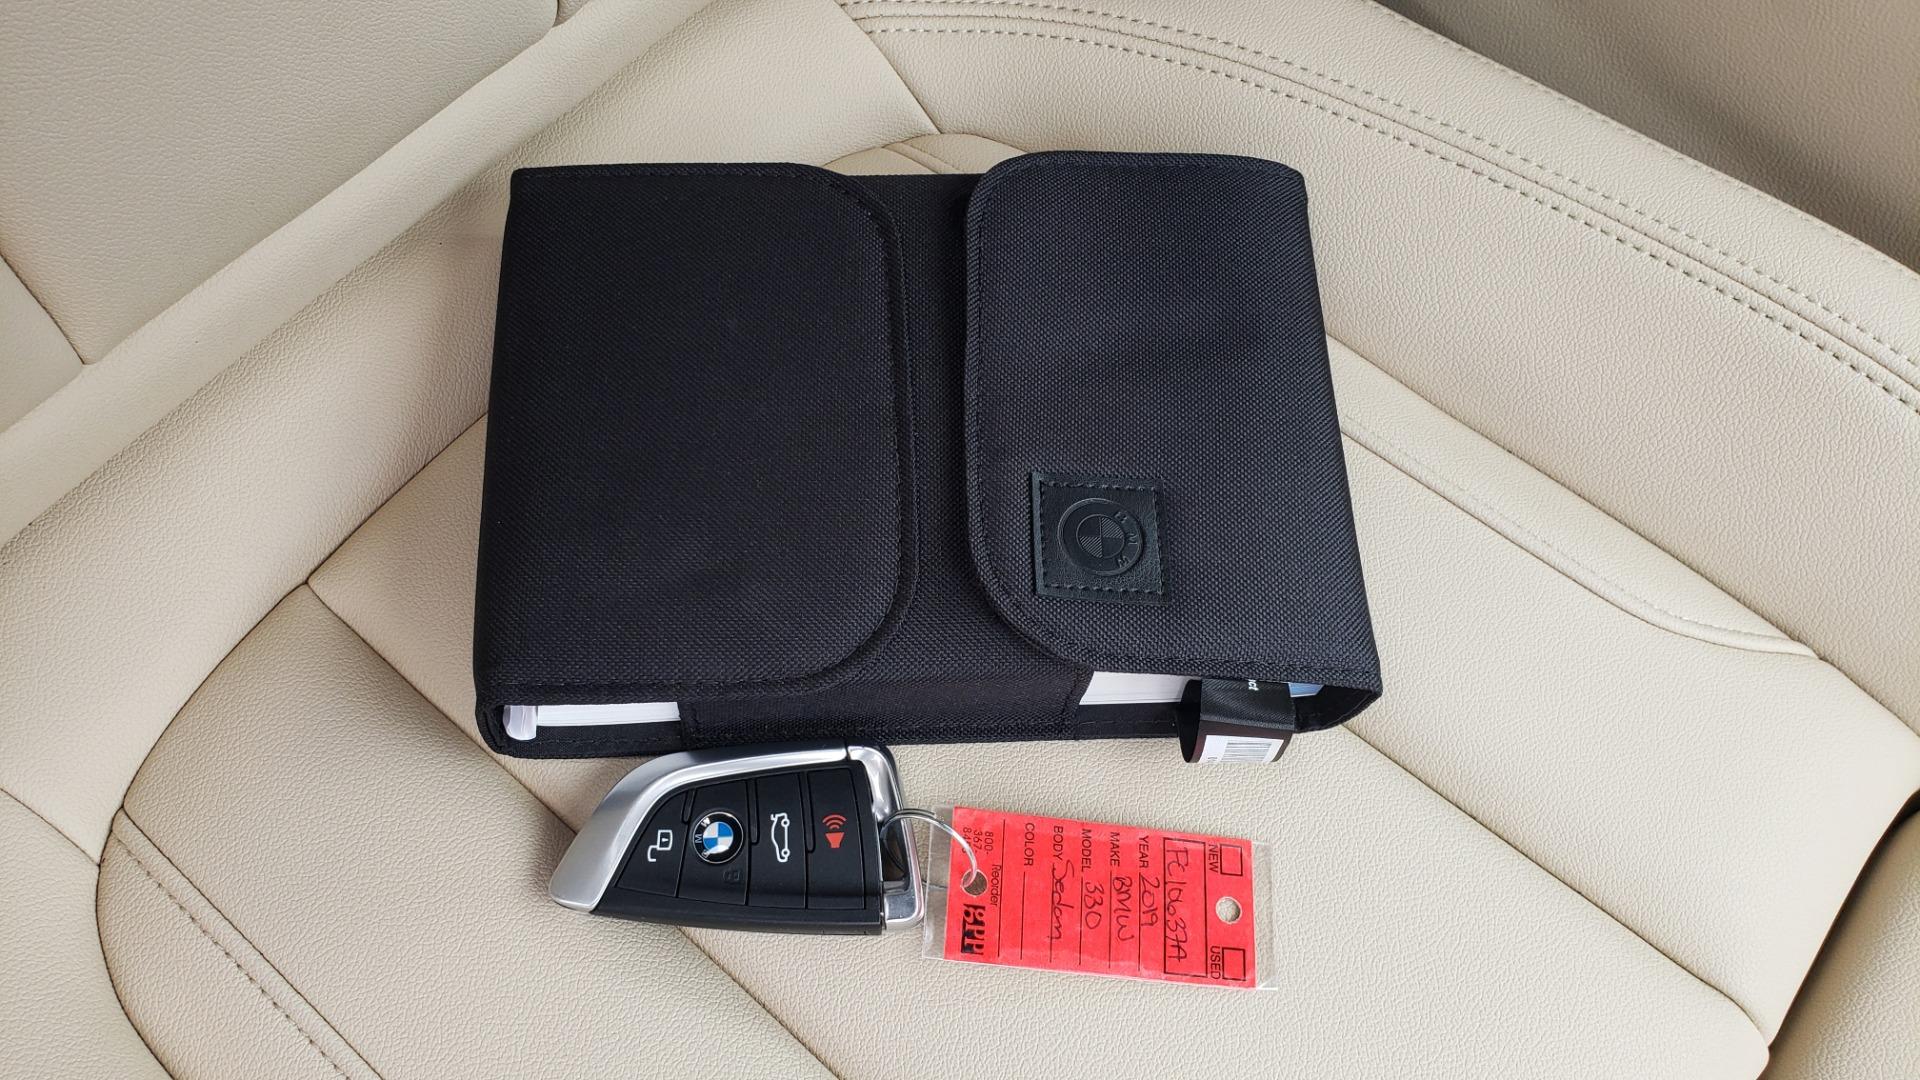 Used 2019 BMW 3 SERIES 330I PREM PKG / NAV / CONV PKG / H&K SND / LIVE COCKPIT PRO for sale Sold at Formula Imports in Charlotte NC 28227 94